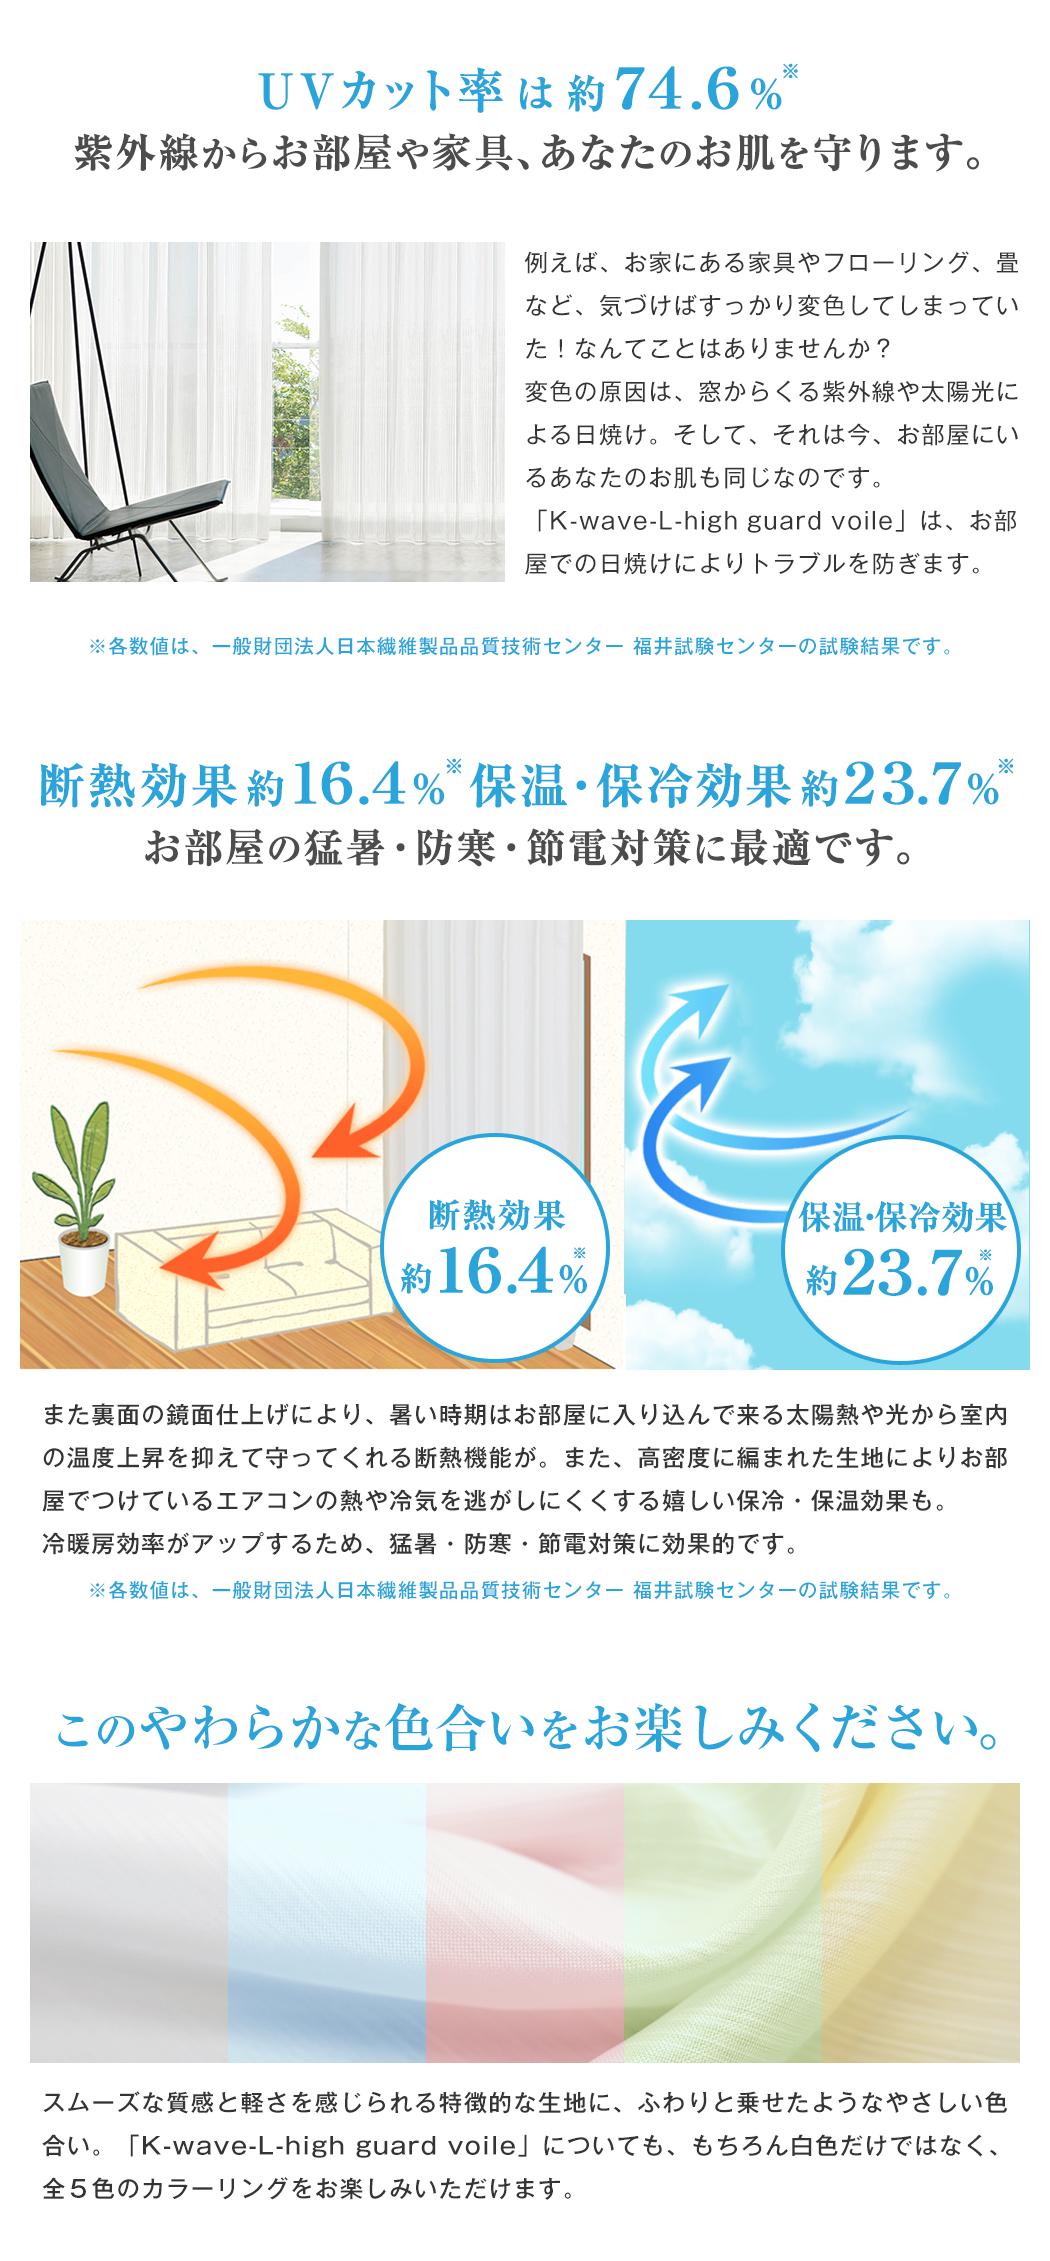 UVカット率は約74.6#%、断熱効果約16.4%、保温・保冷効果約23.7%